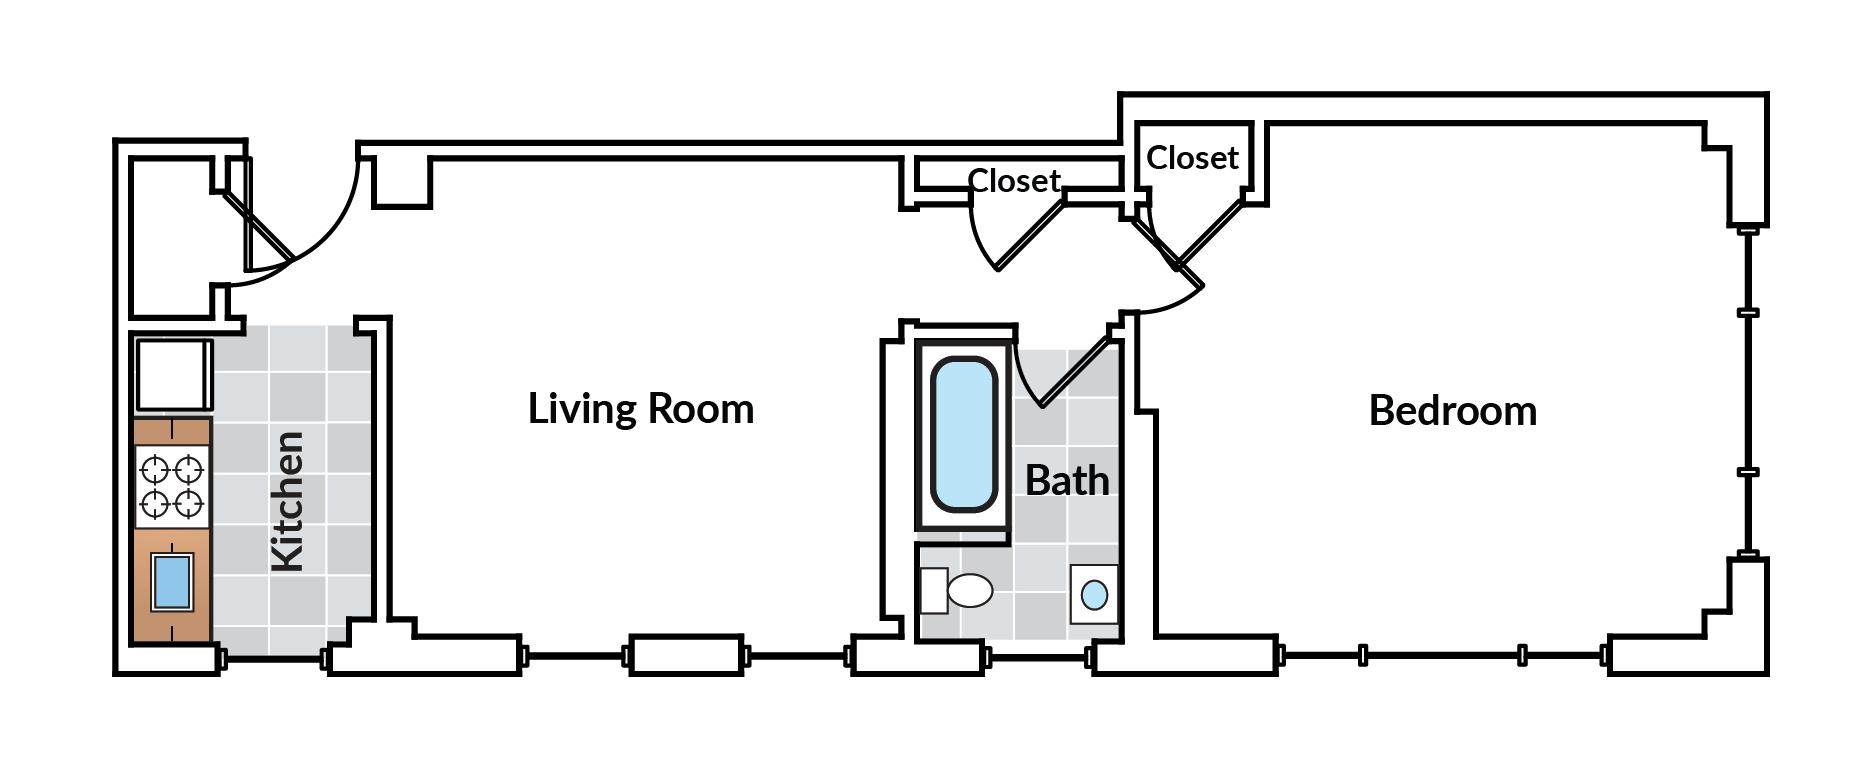 1 Bedroom 04 Tier